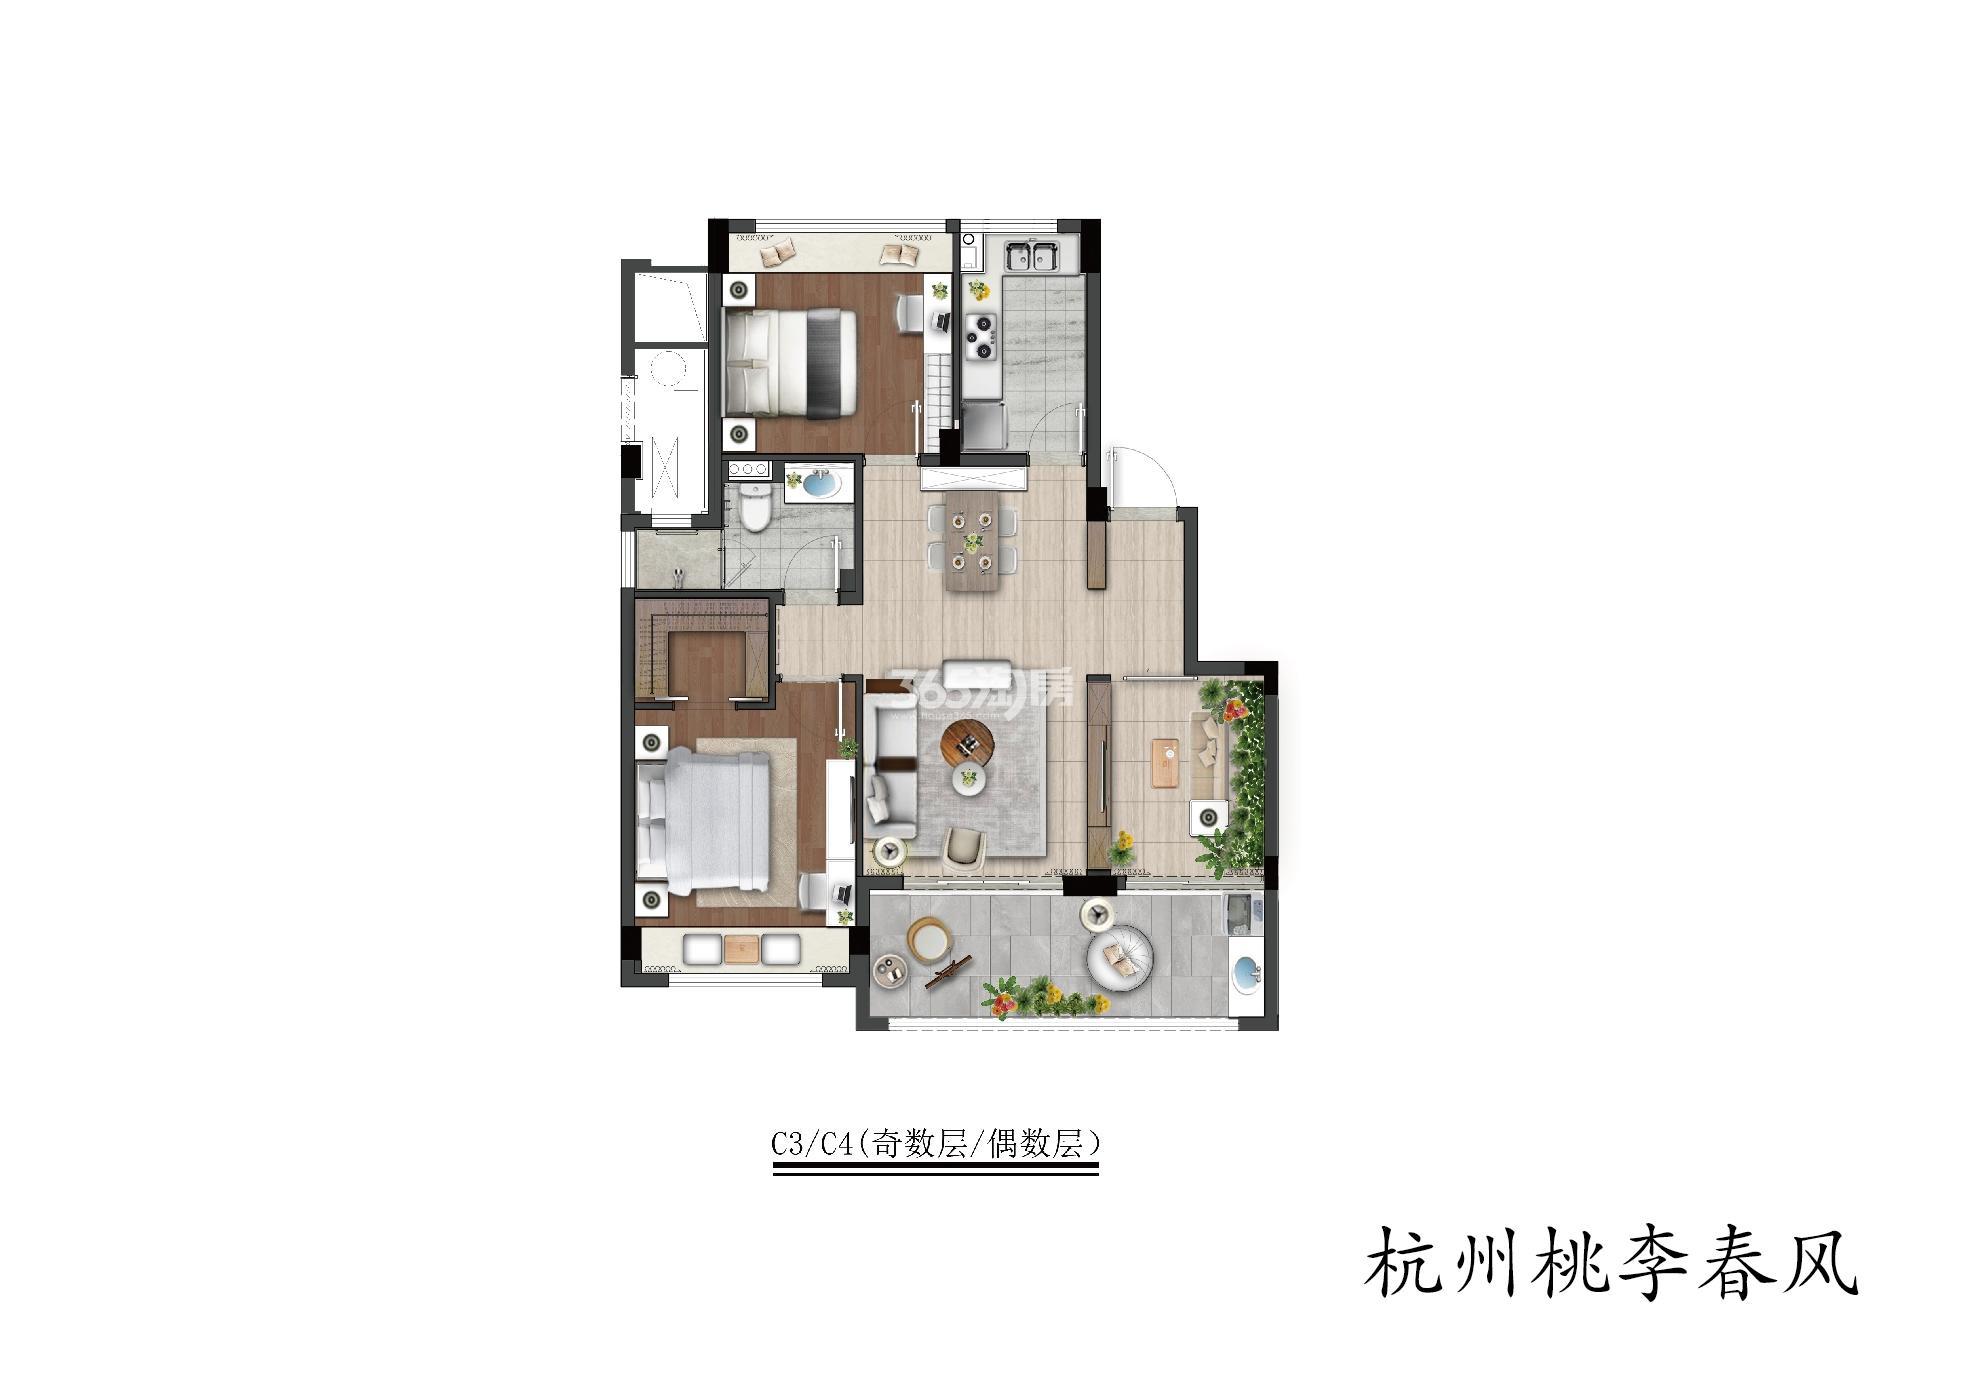 桃李春风C3/C4(奇数层/偶数层)洋房